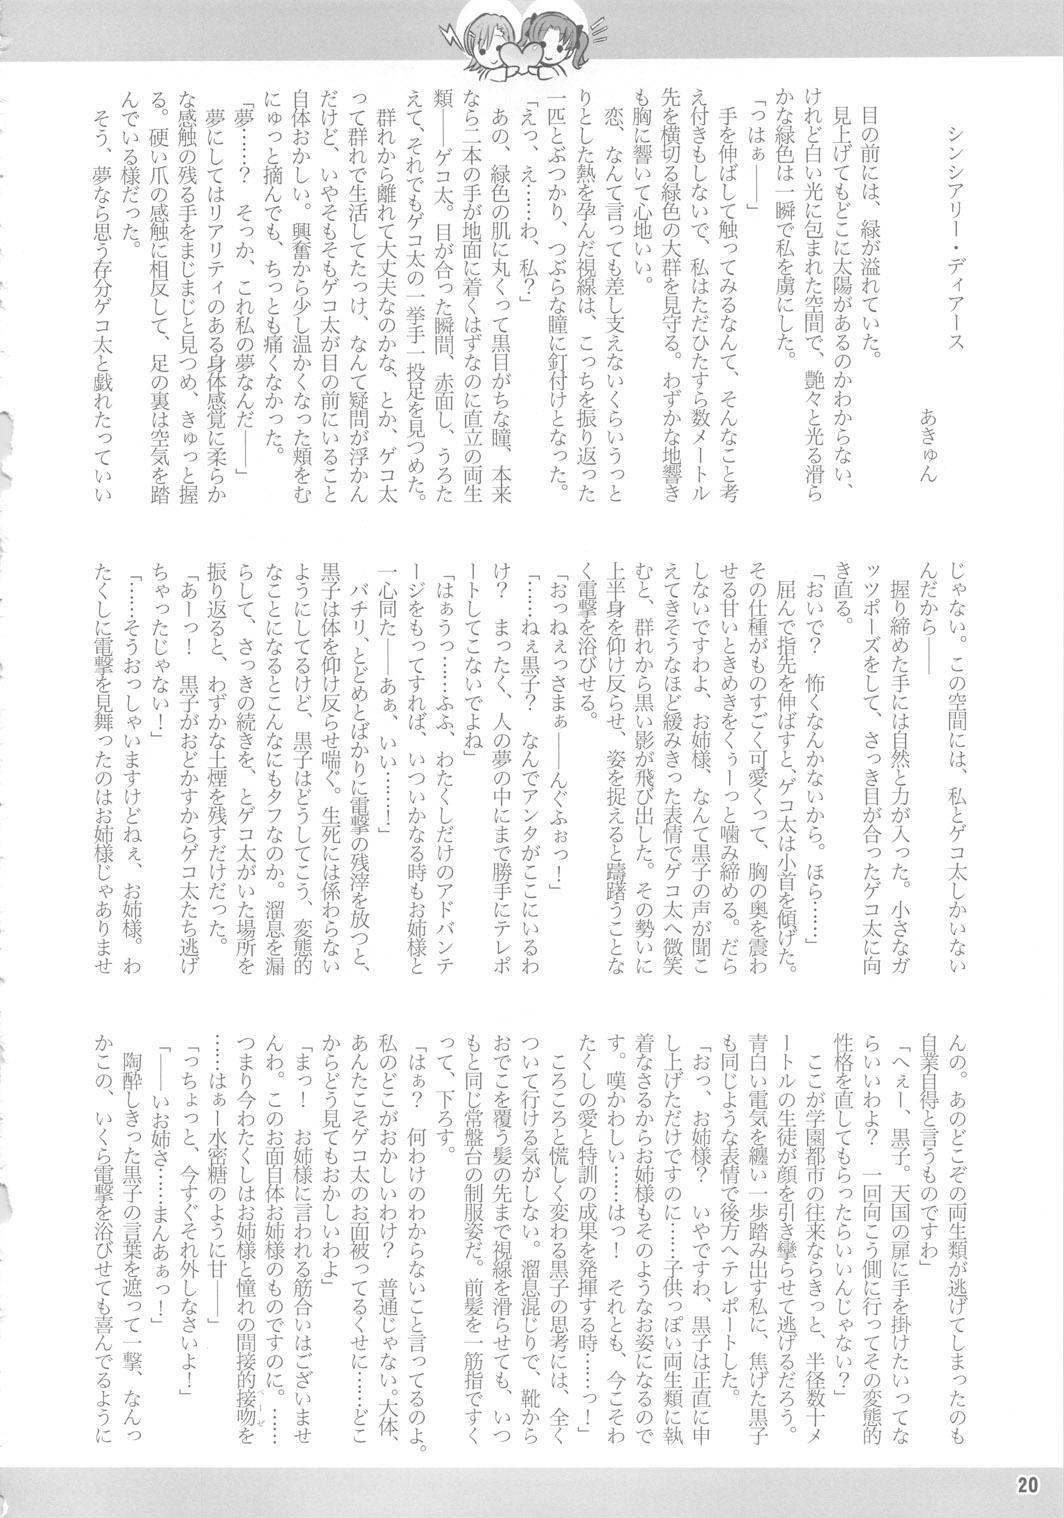 (C78) [Arsenothelus (Rebis)] Toaru Kuroko no Mikoto Kanzen Kouryaku (Toaru Kagaku no Railgun) [English] <desudesu> 18